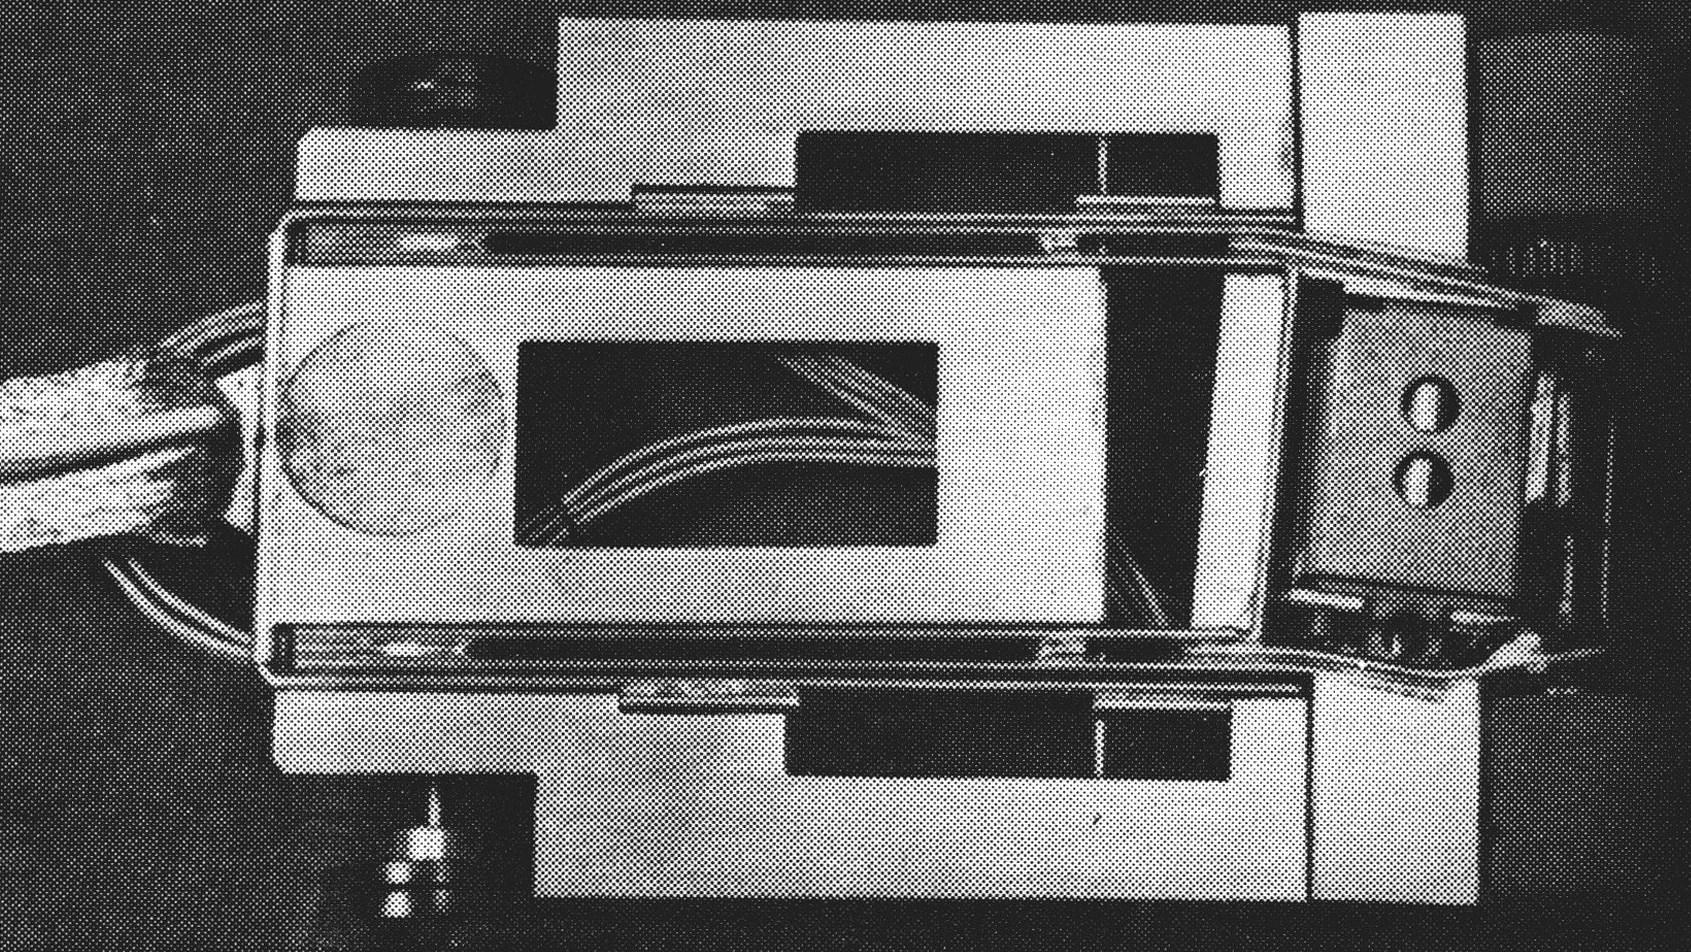 MRJ V1N22 p8 - Copy - Copy.jpg